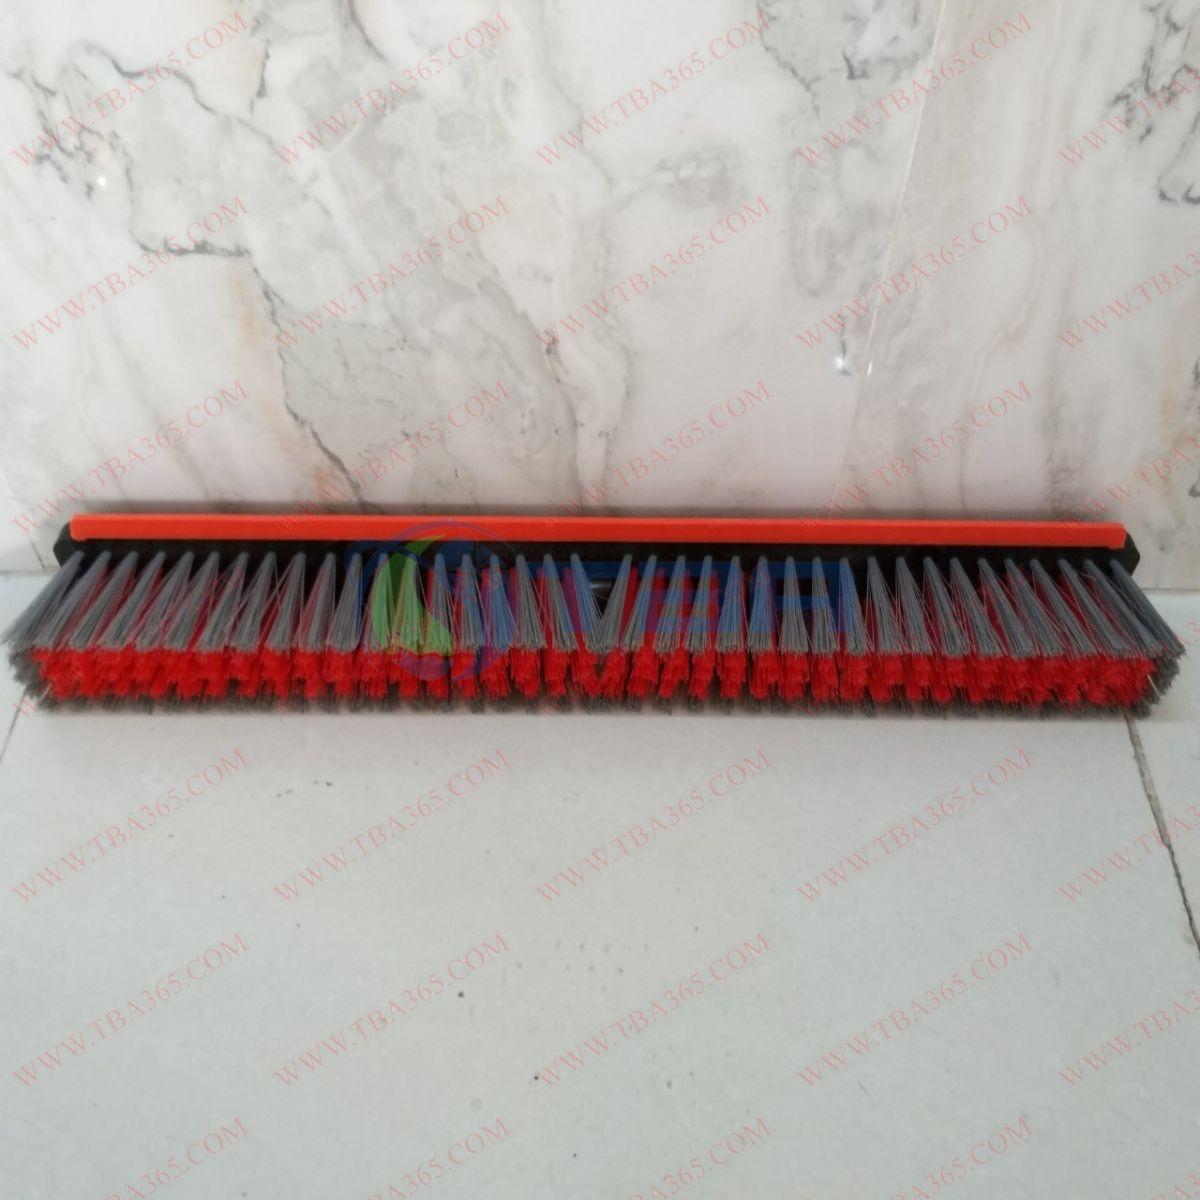 Đầu gạt sàn- Chà sàn cao cấp 45cm